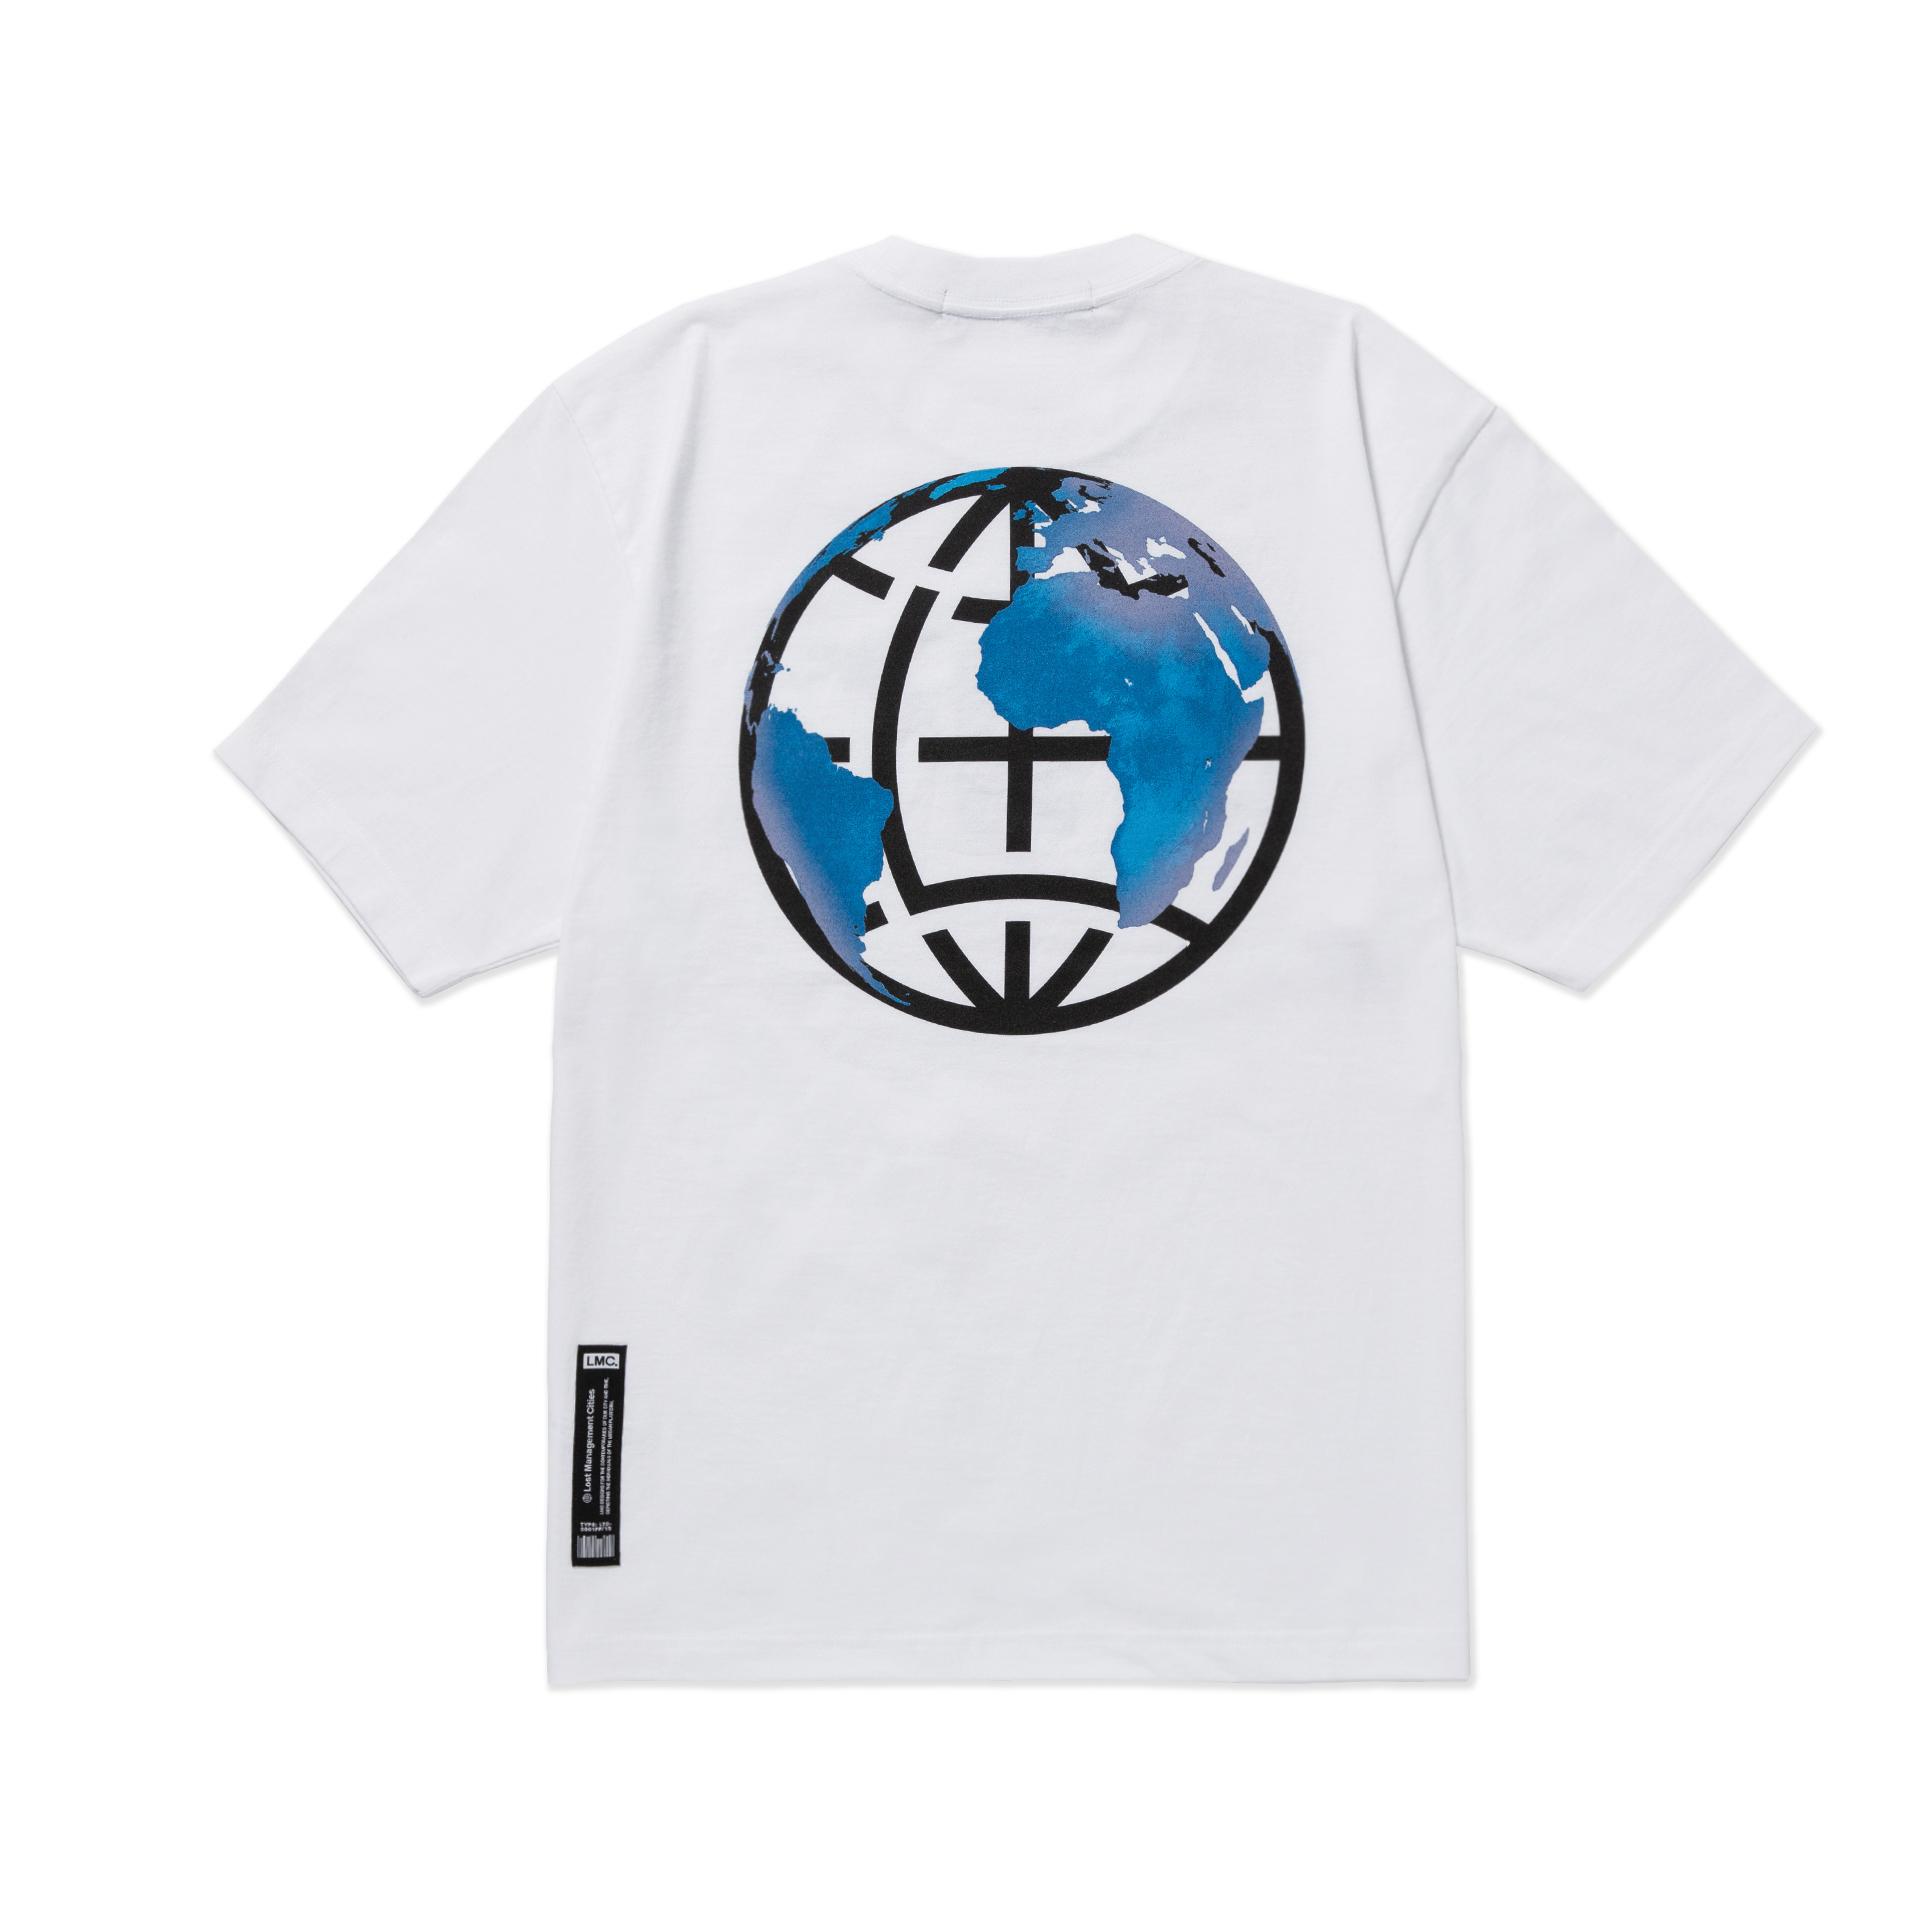 엘엠씨(LMC) LMC EARTH LOGO TEE white